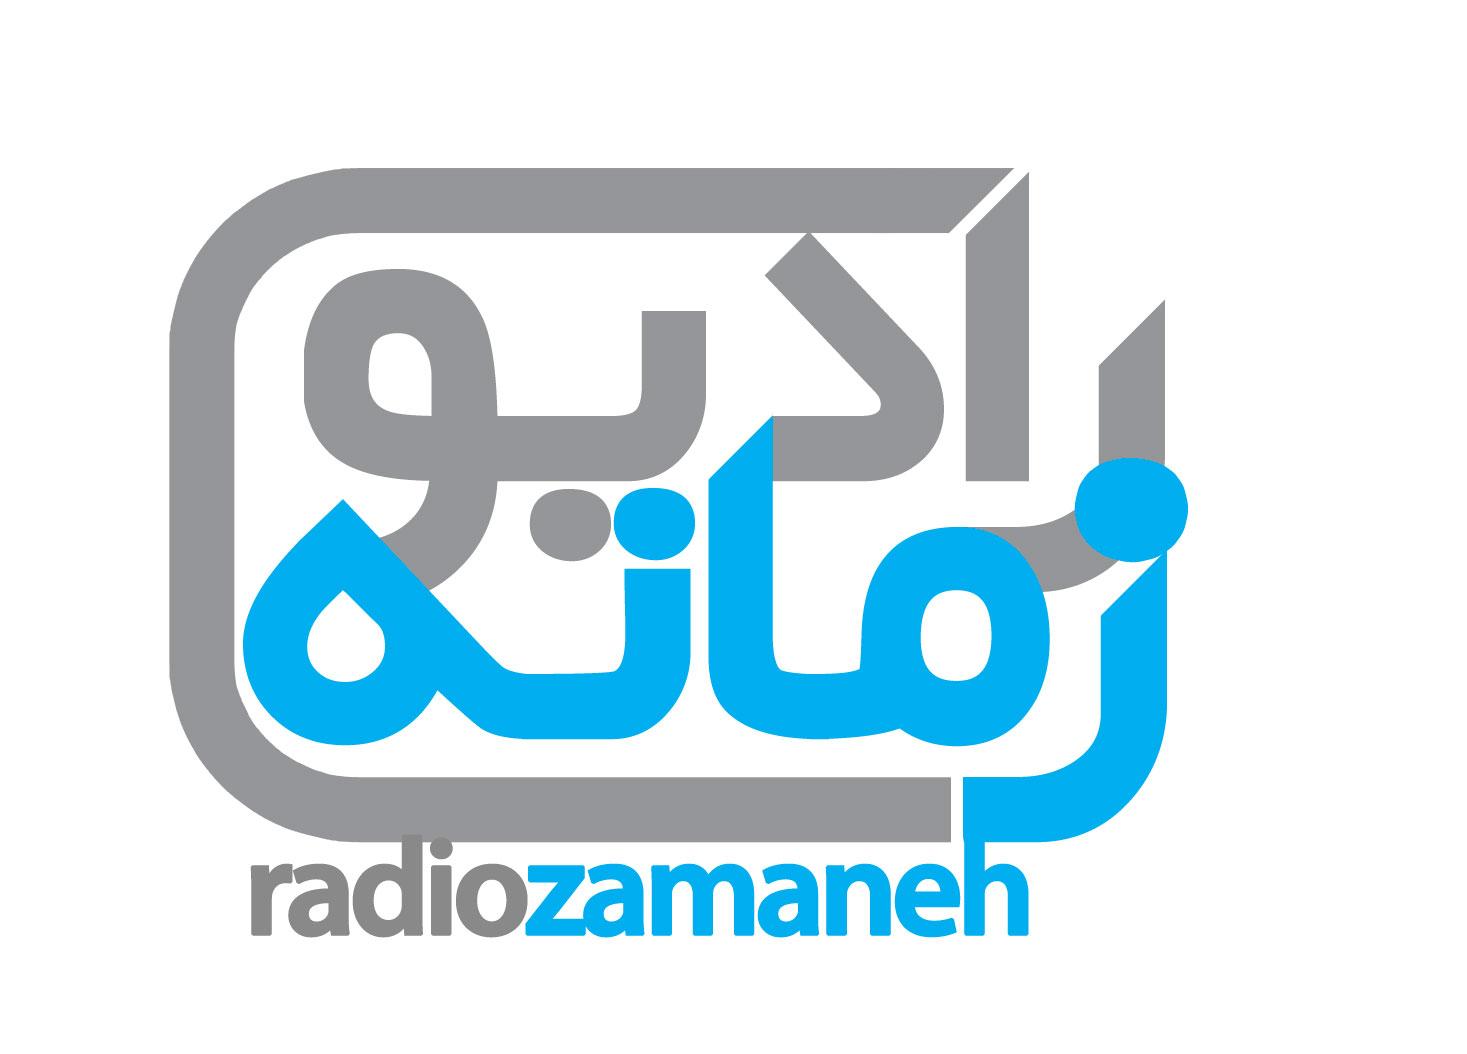 zamaneh-logo-black